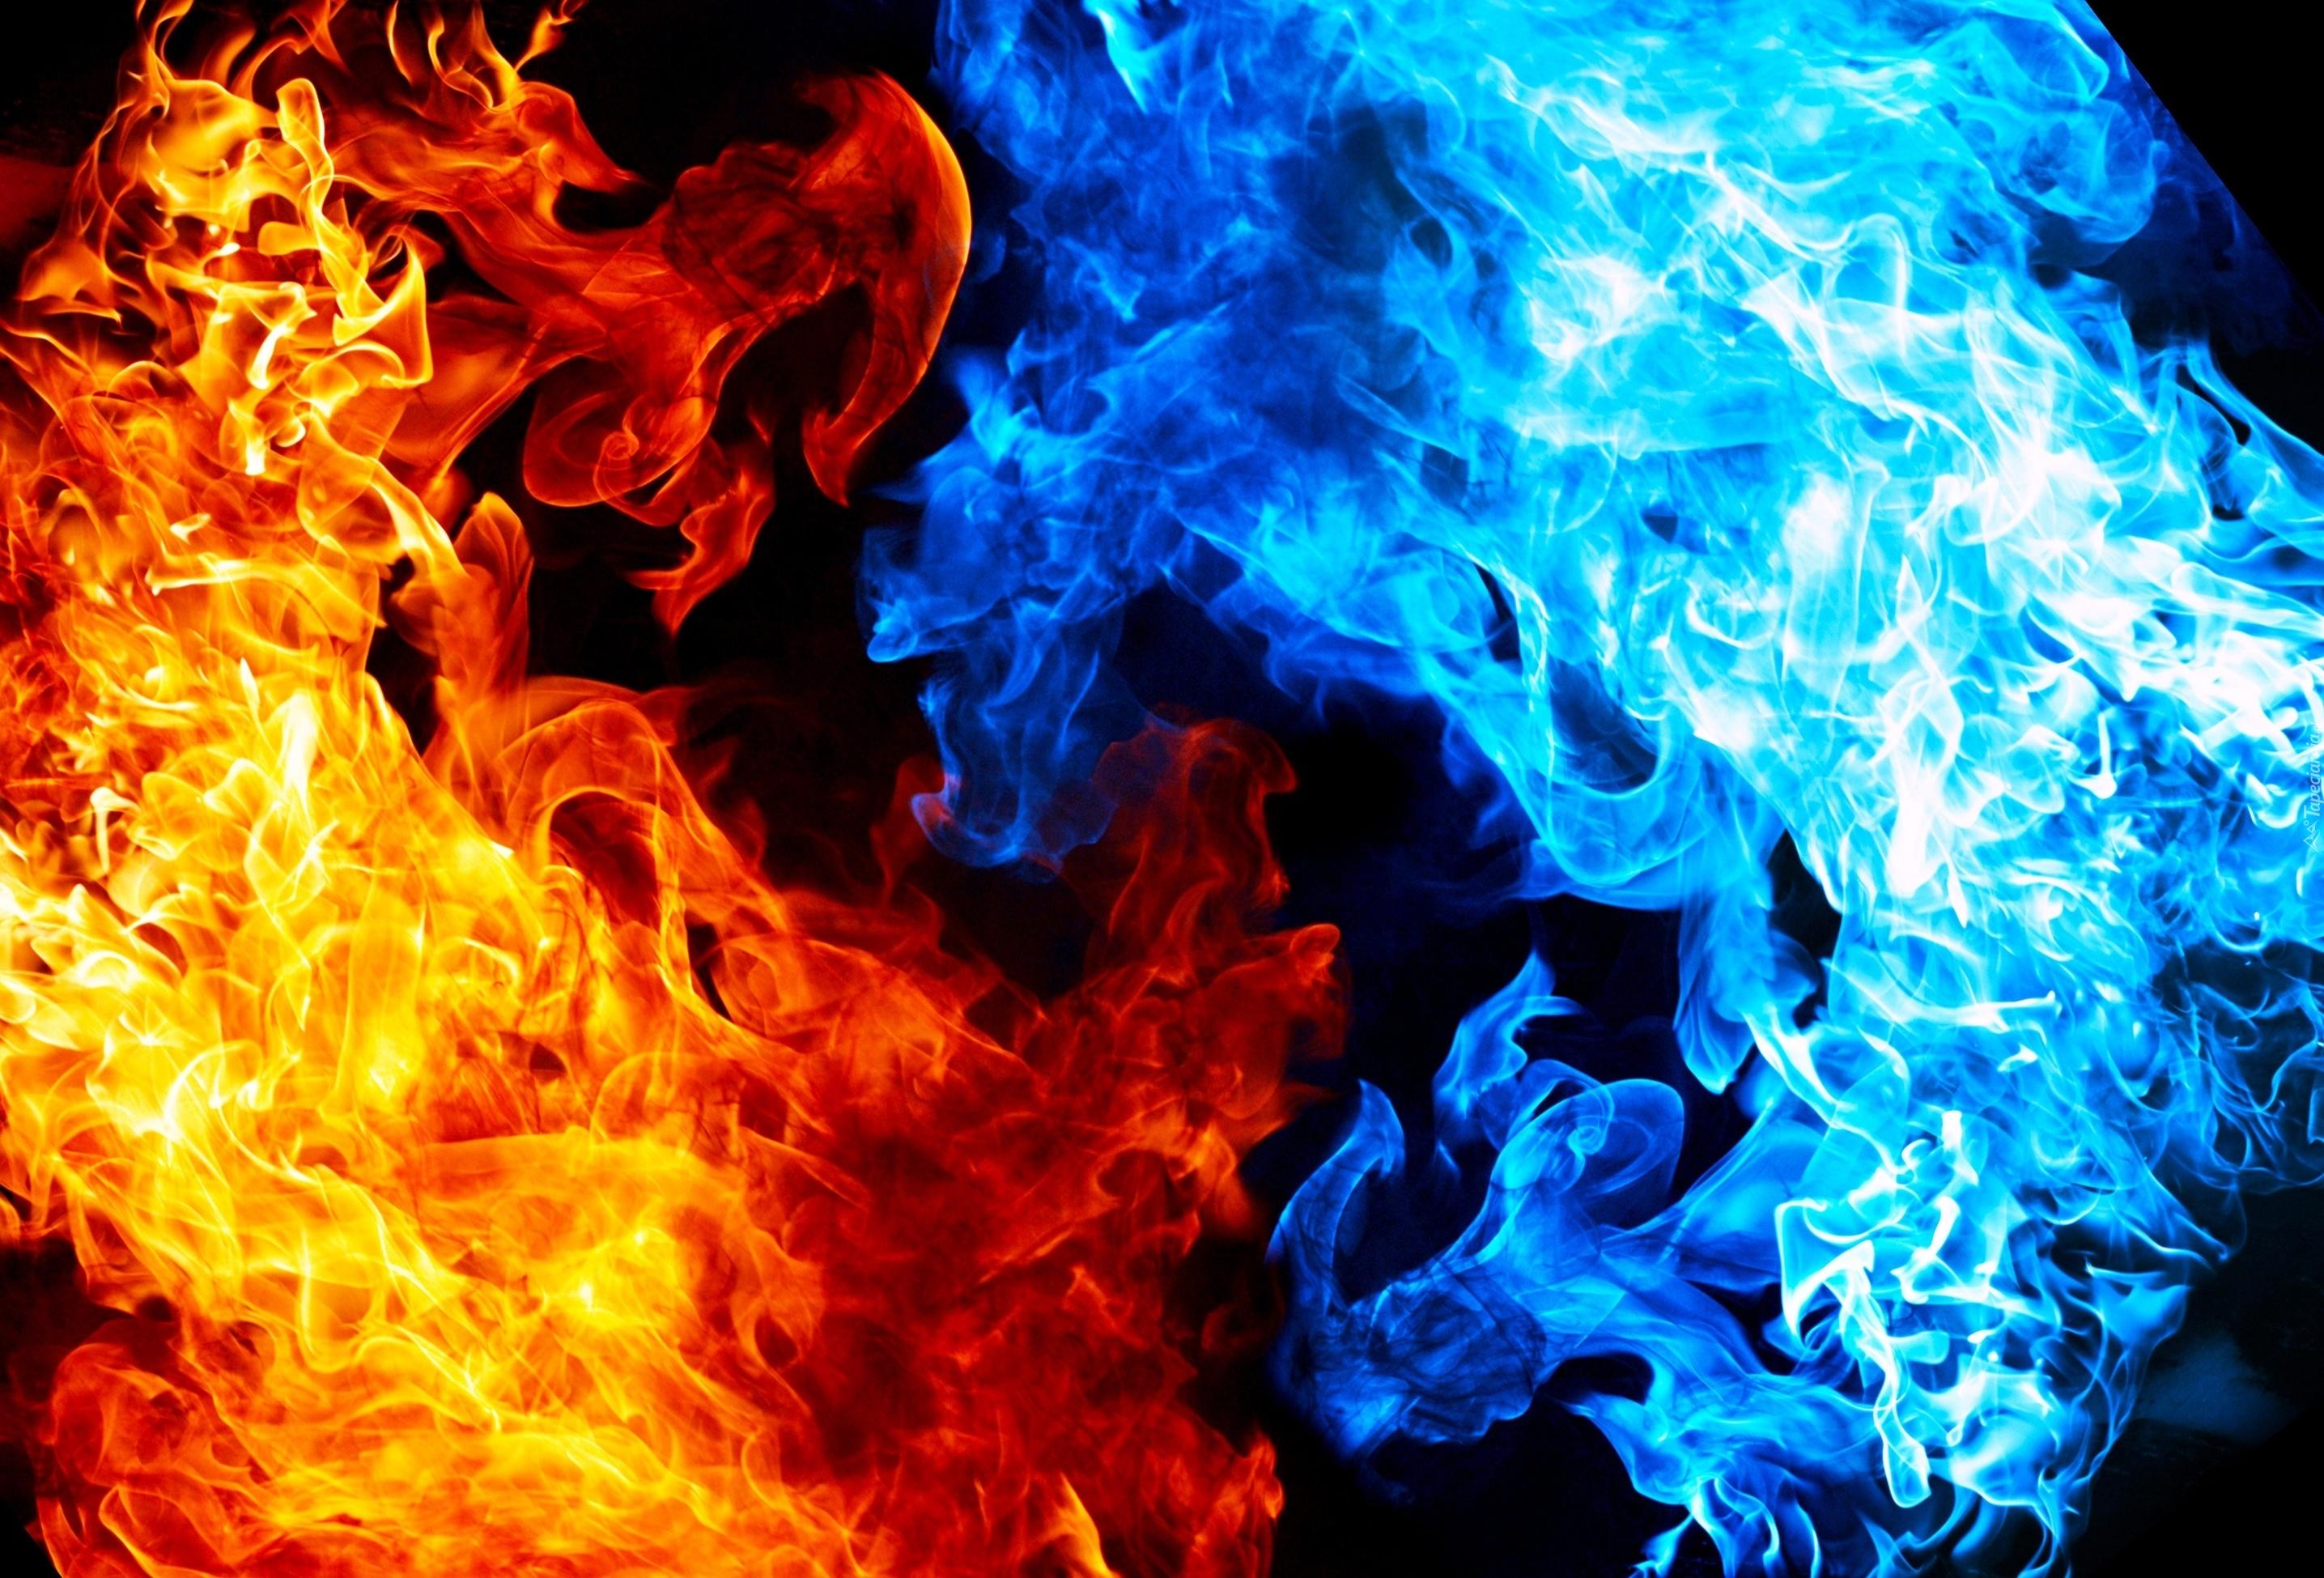 ogień płomienie czerwony niebieski